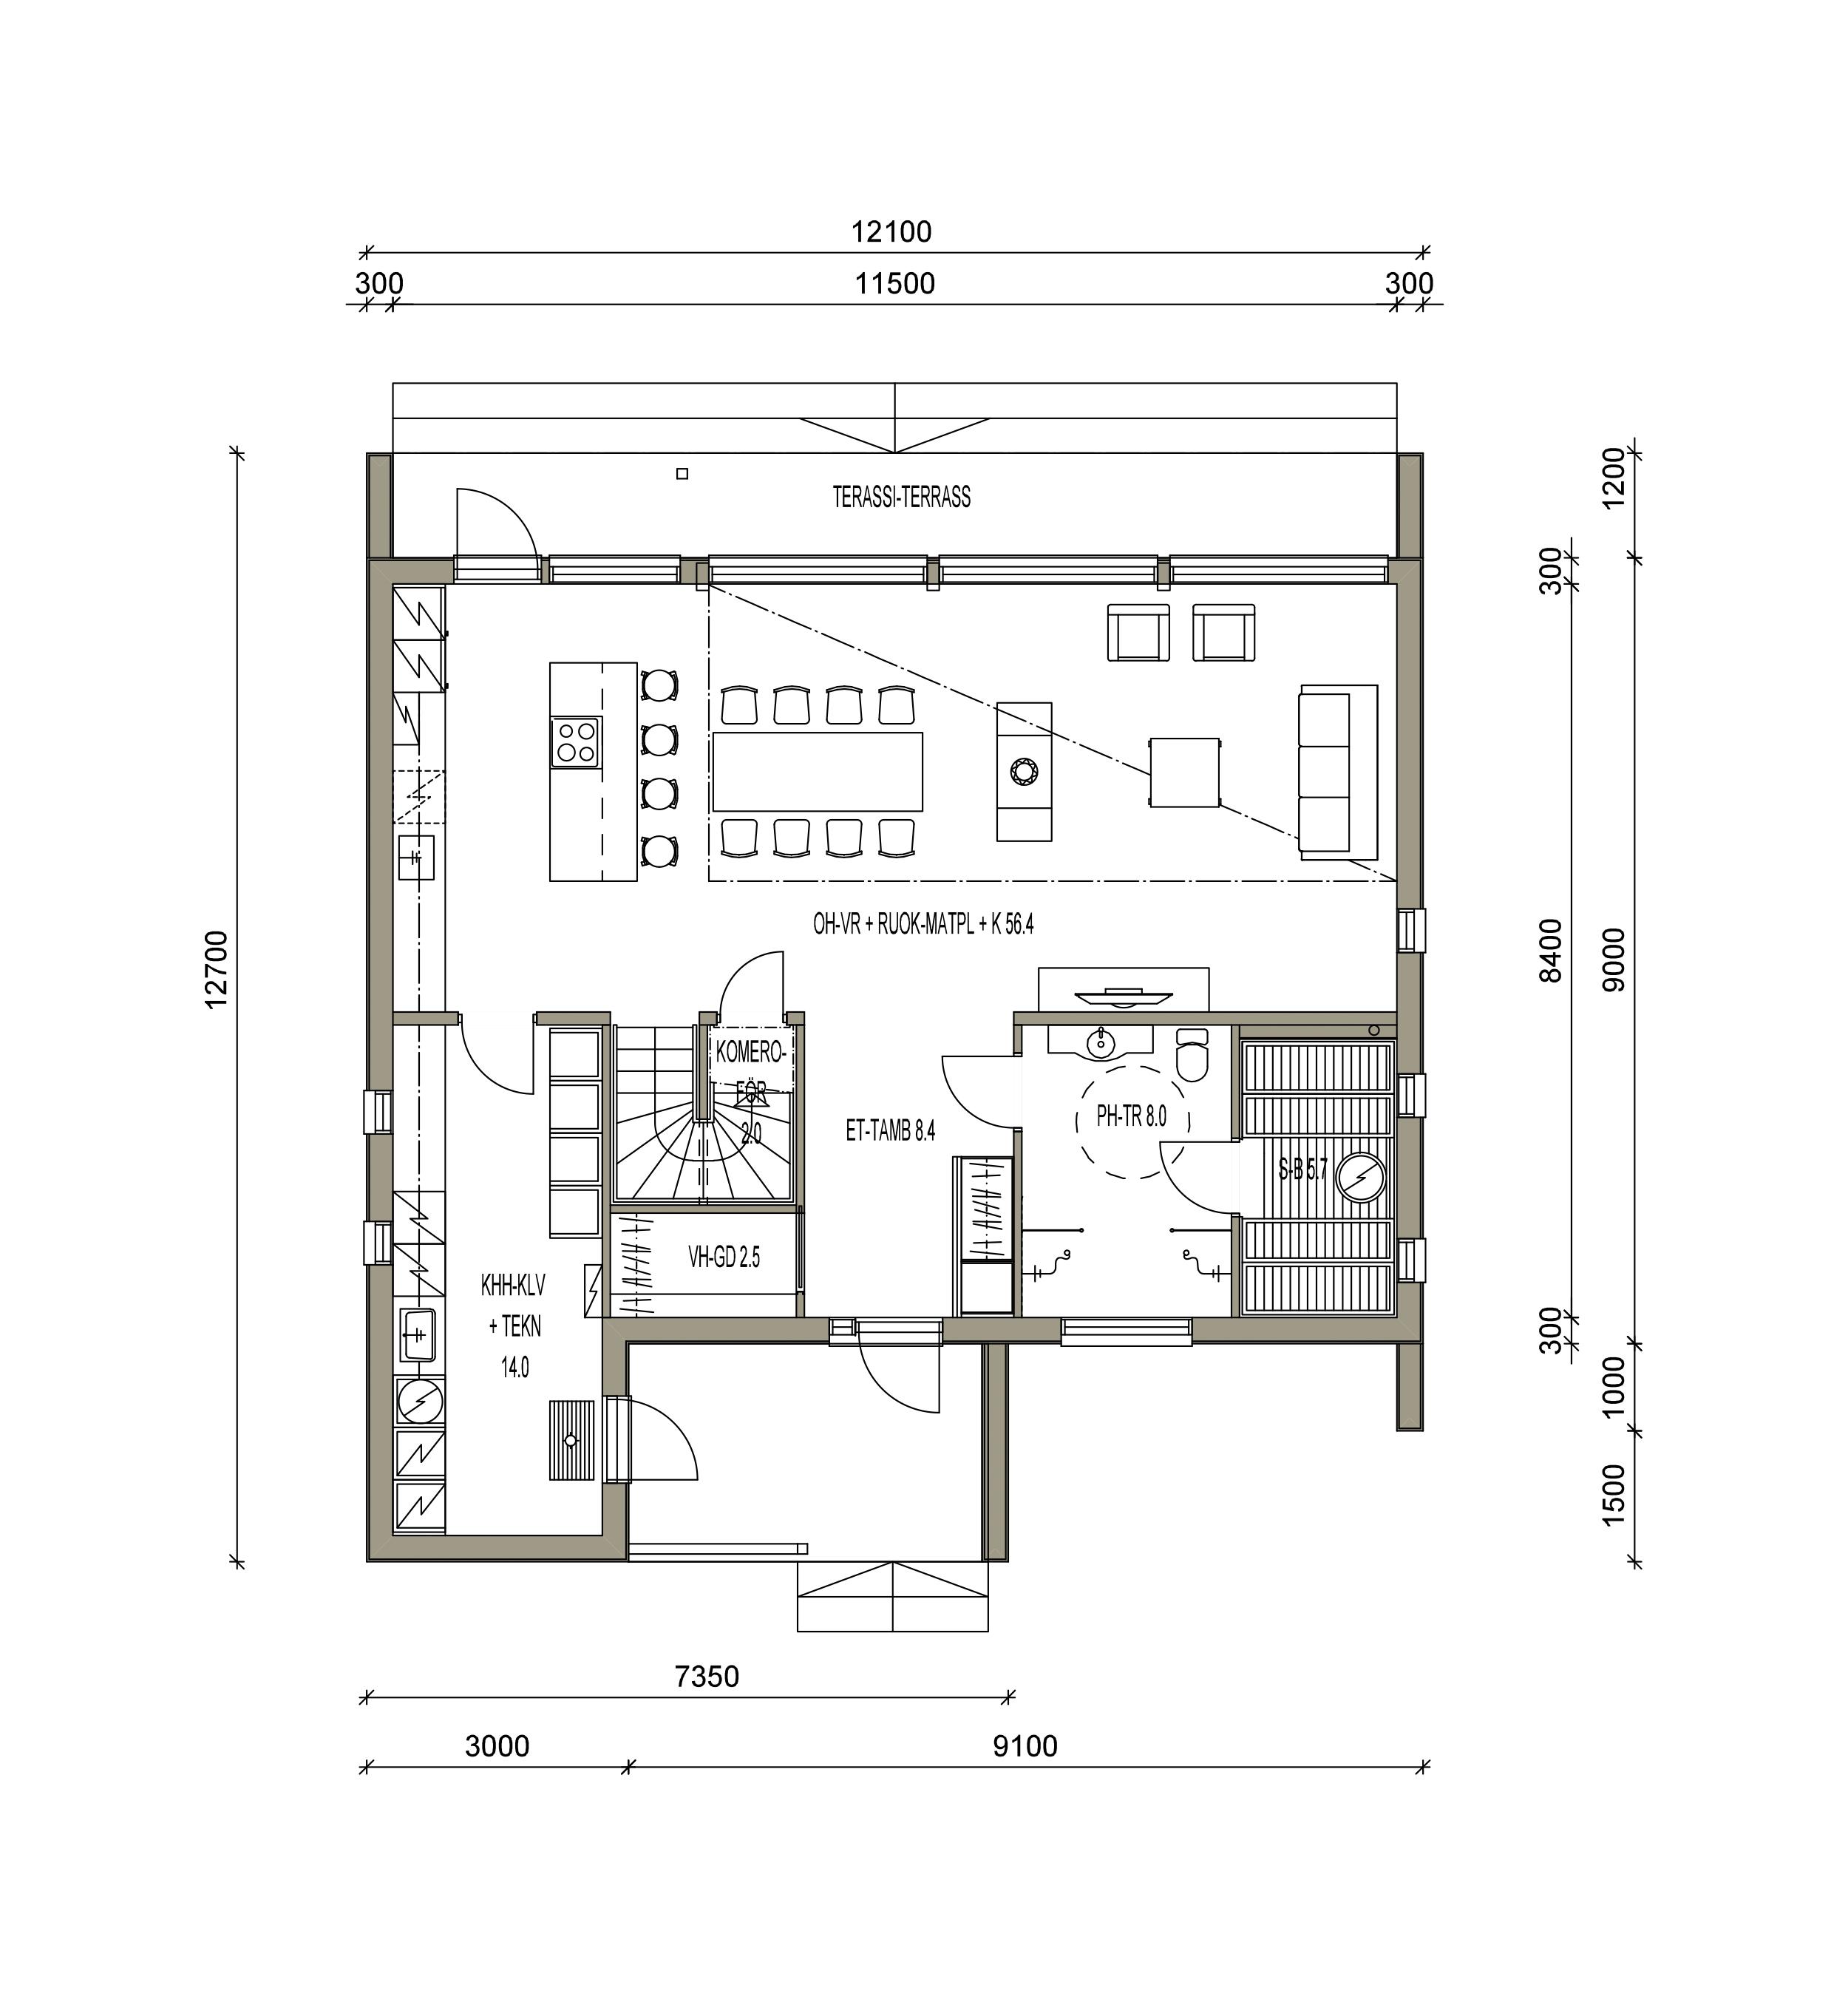 maison sips cubique plan 170 m² 02